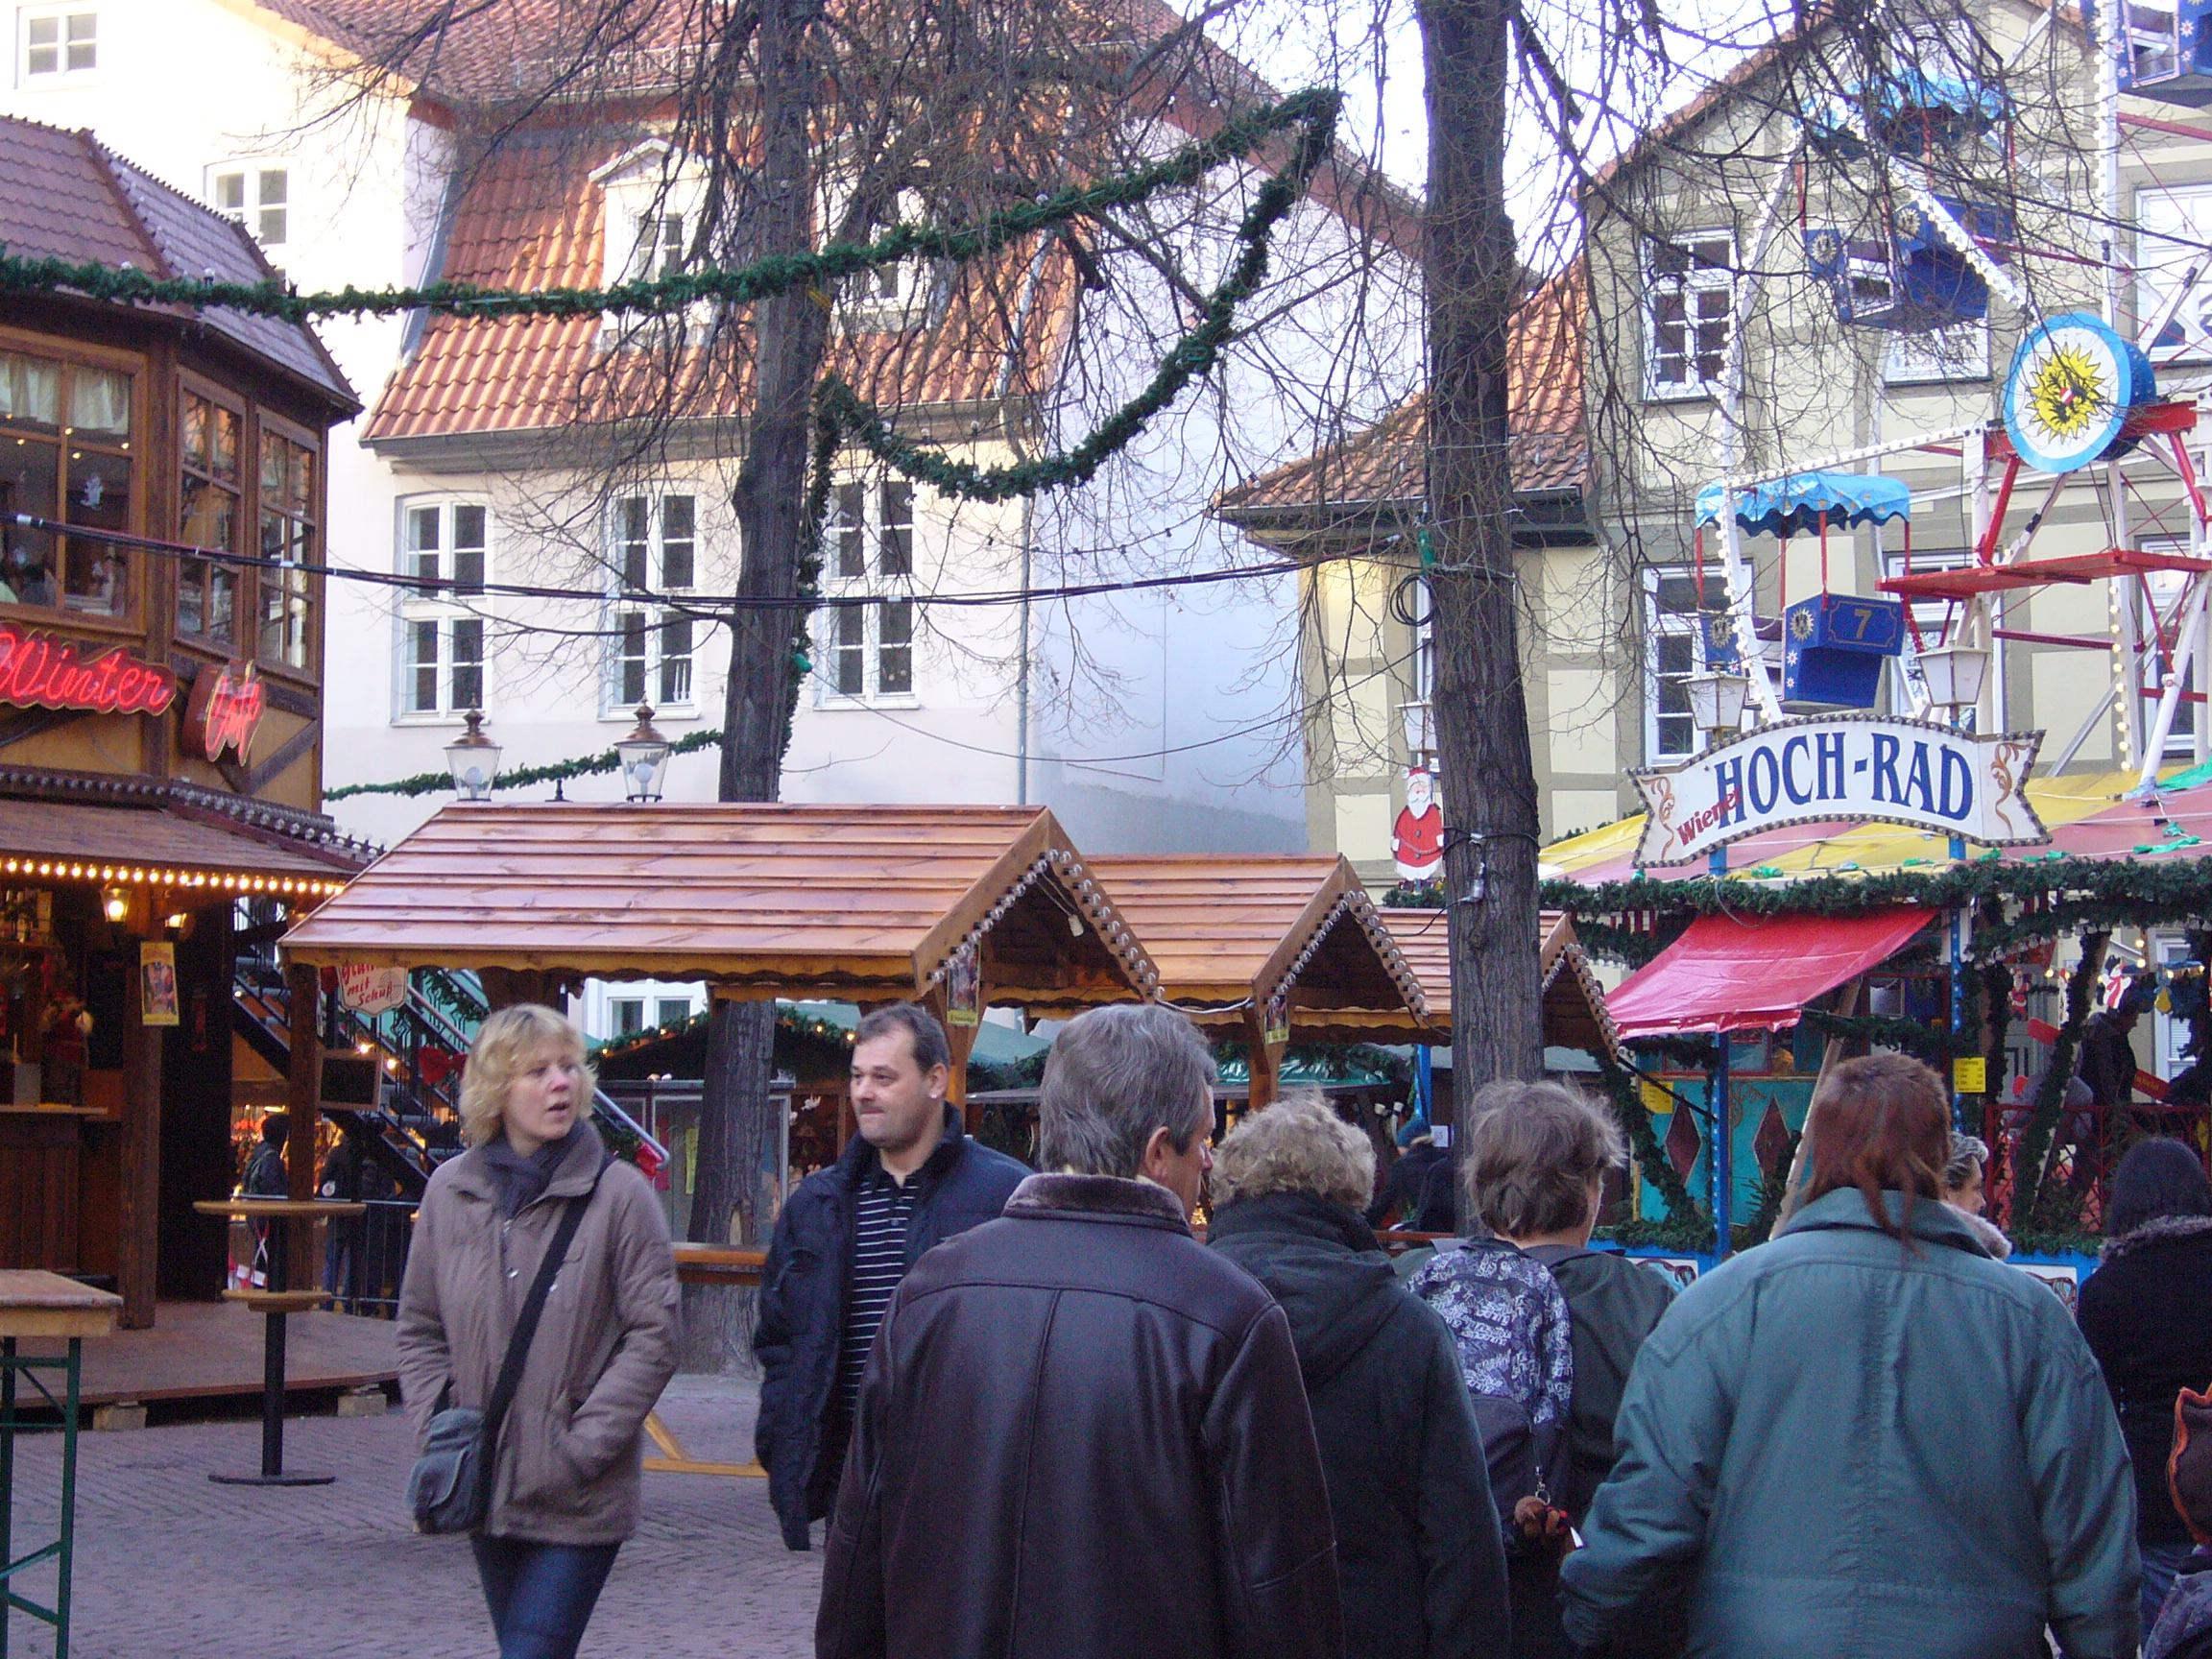 Auf dem Weihnachtsmarkt, da ist es toll, darum ist es meistens voll.